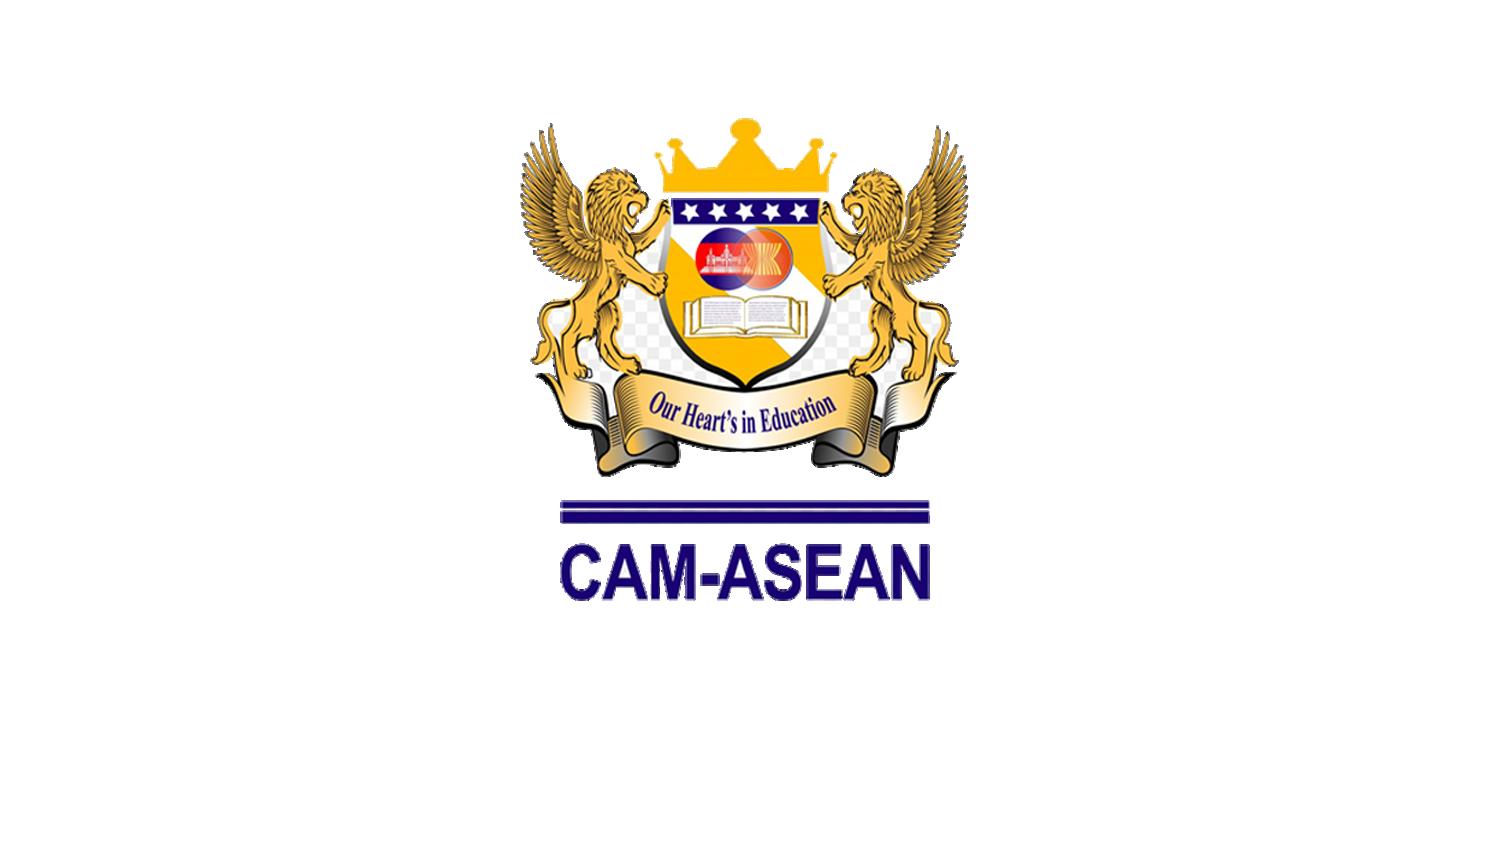 Cam-Asean